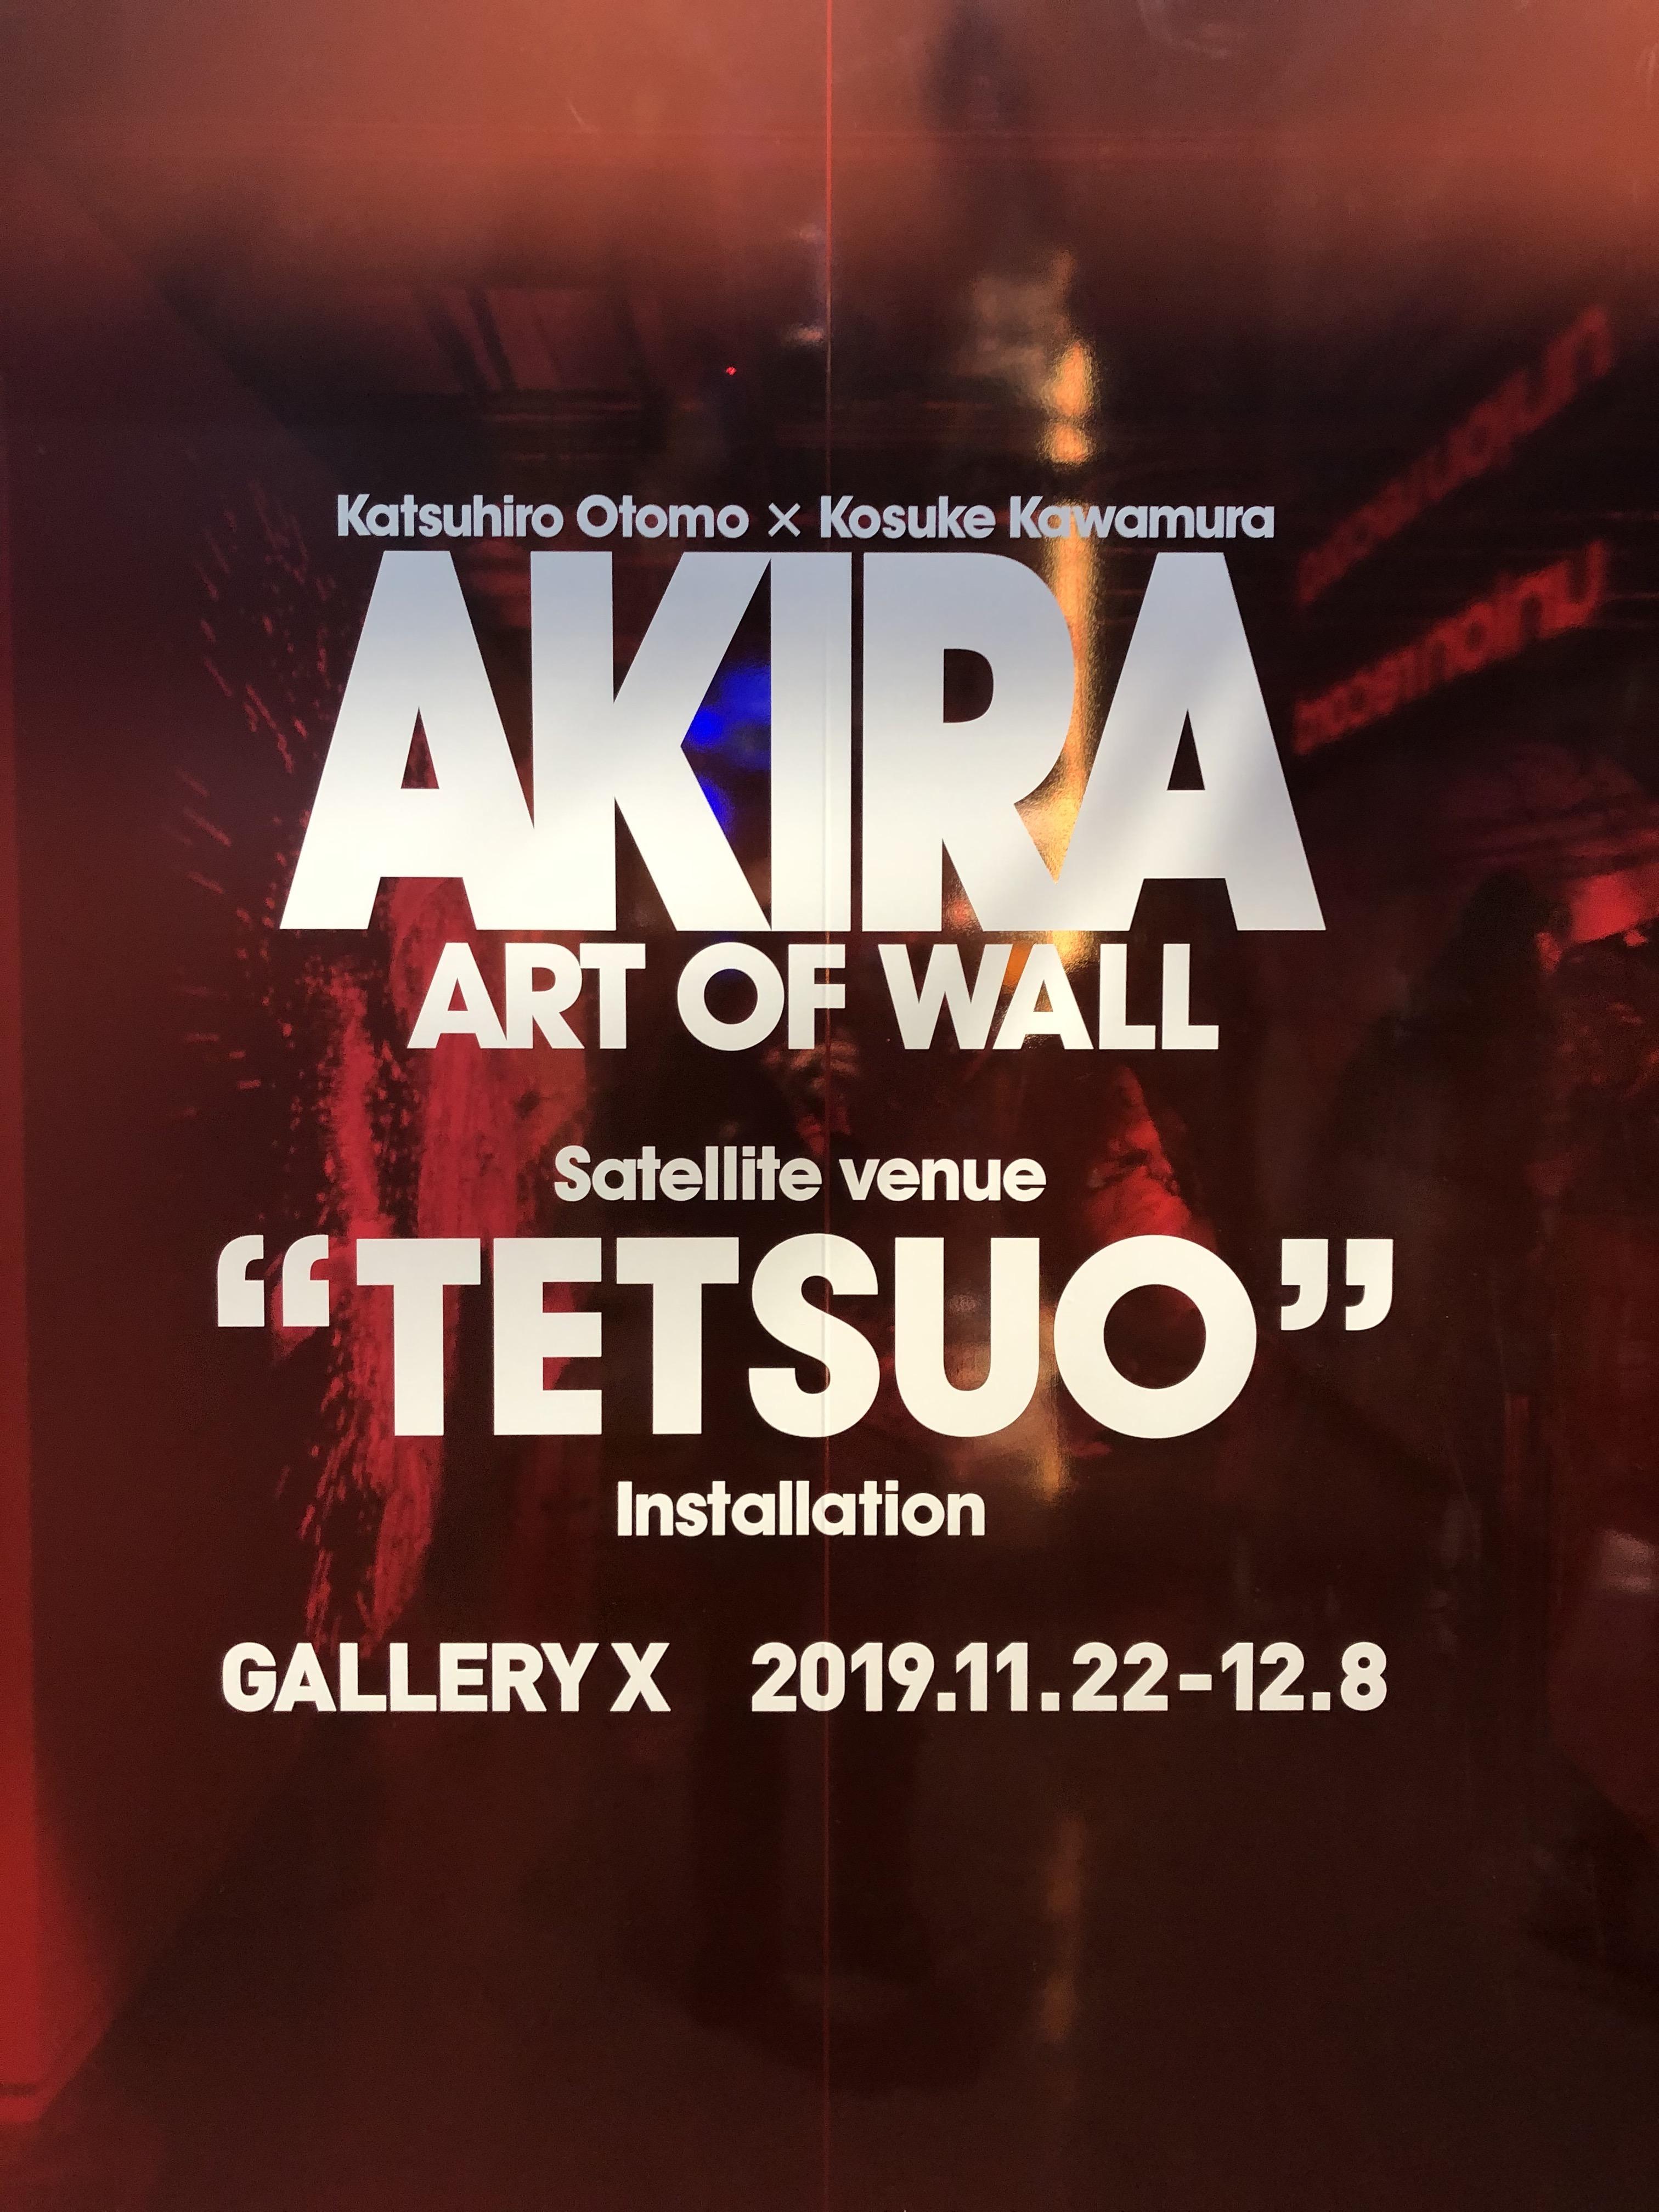 AKIRA ART of WALL